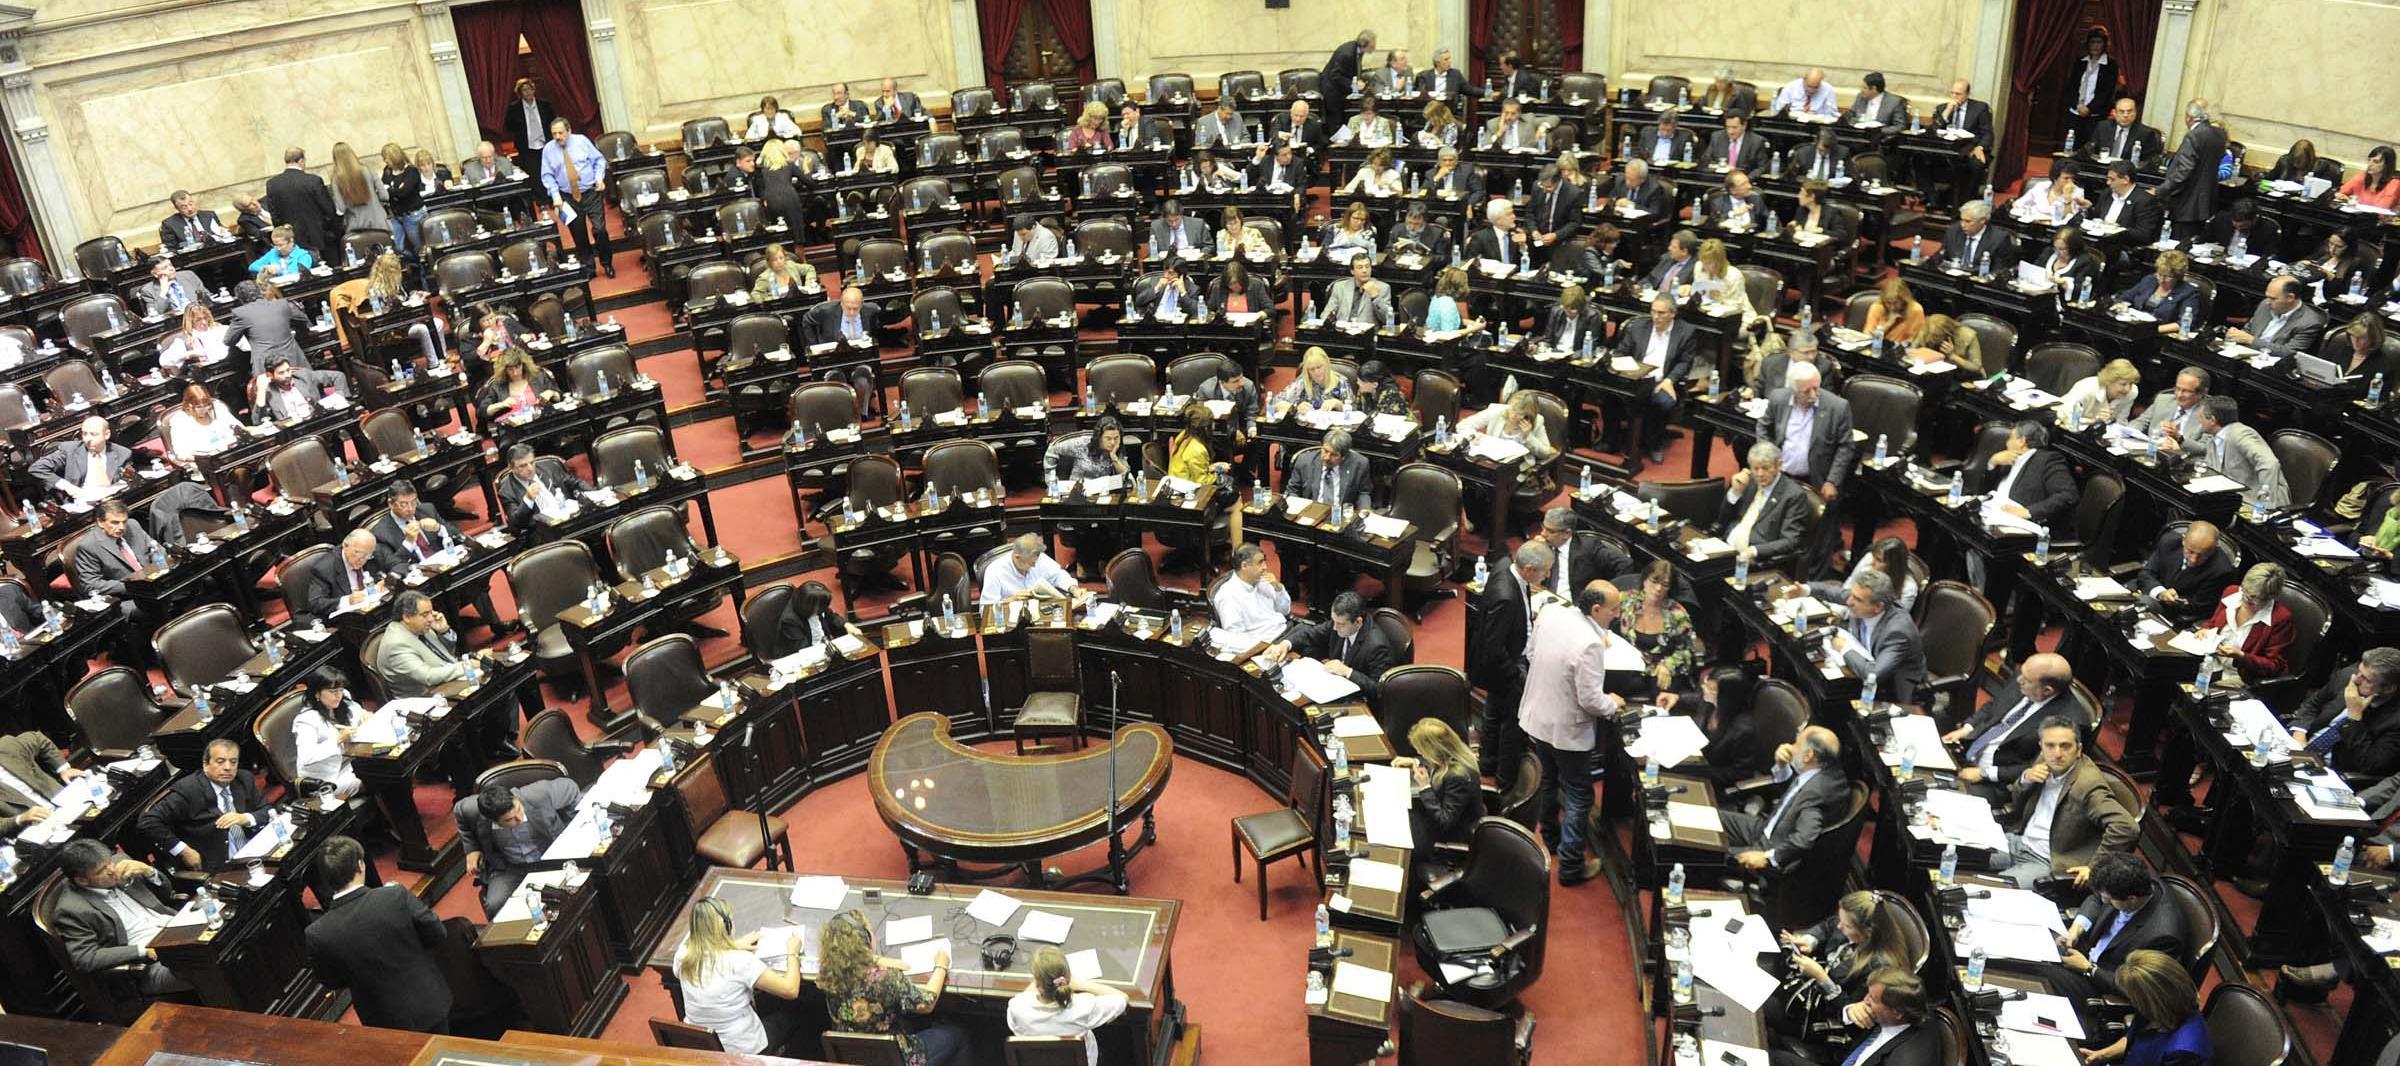 El Congreso debe definir el reemplazante de Mondino, quien renunció en 2009